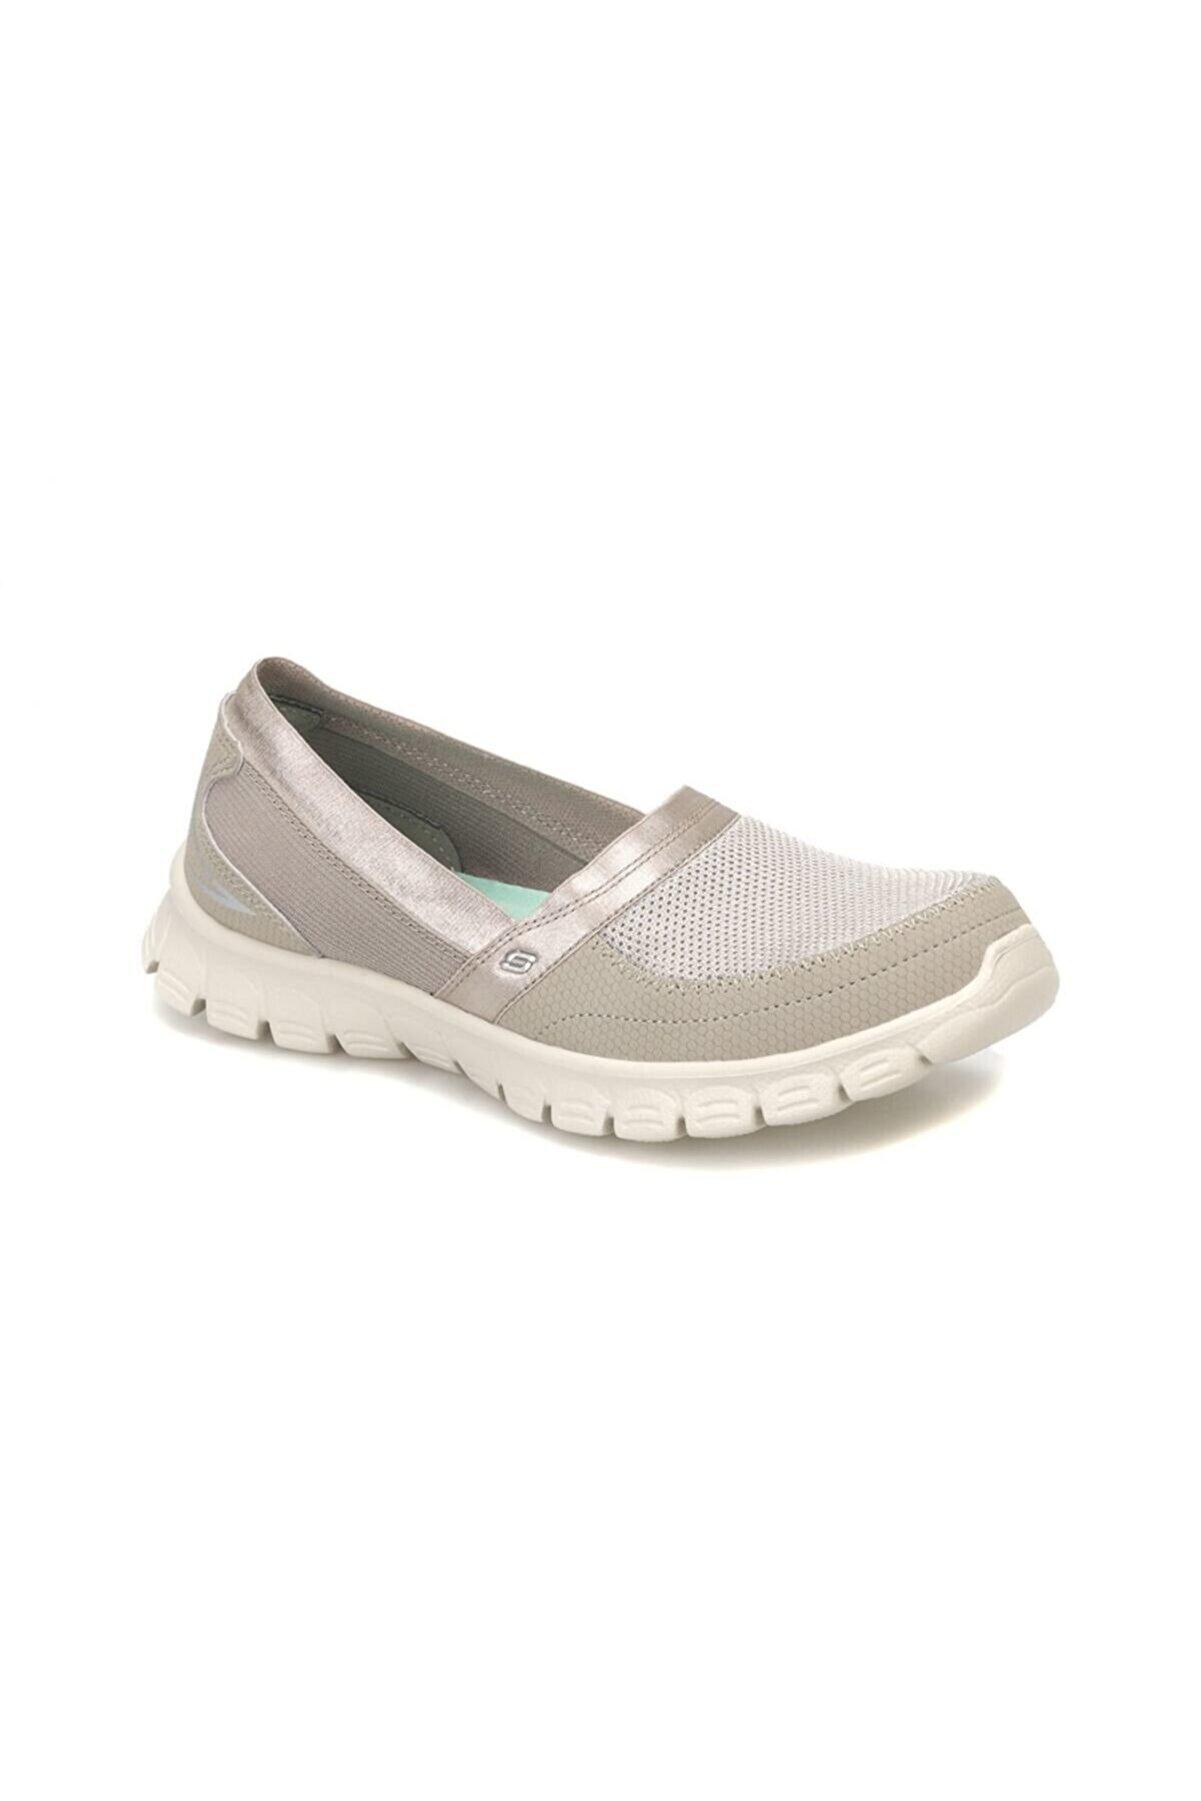 Skechers EZ FLEX 3.0 Kadın Bej Günlük Ayakkabı